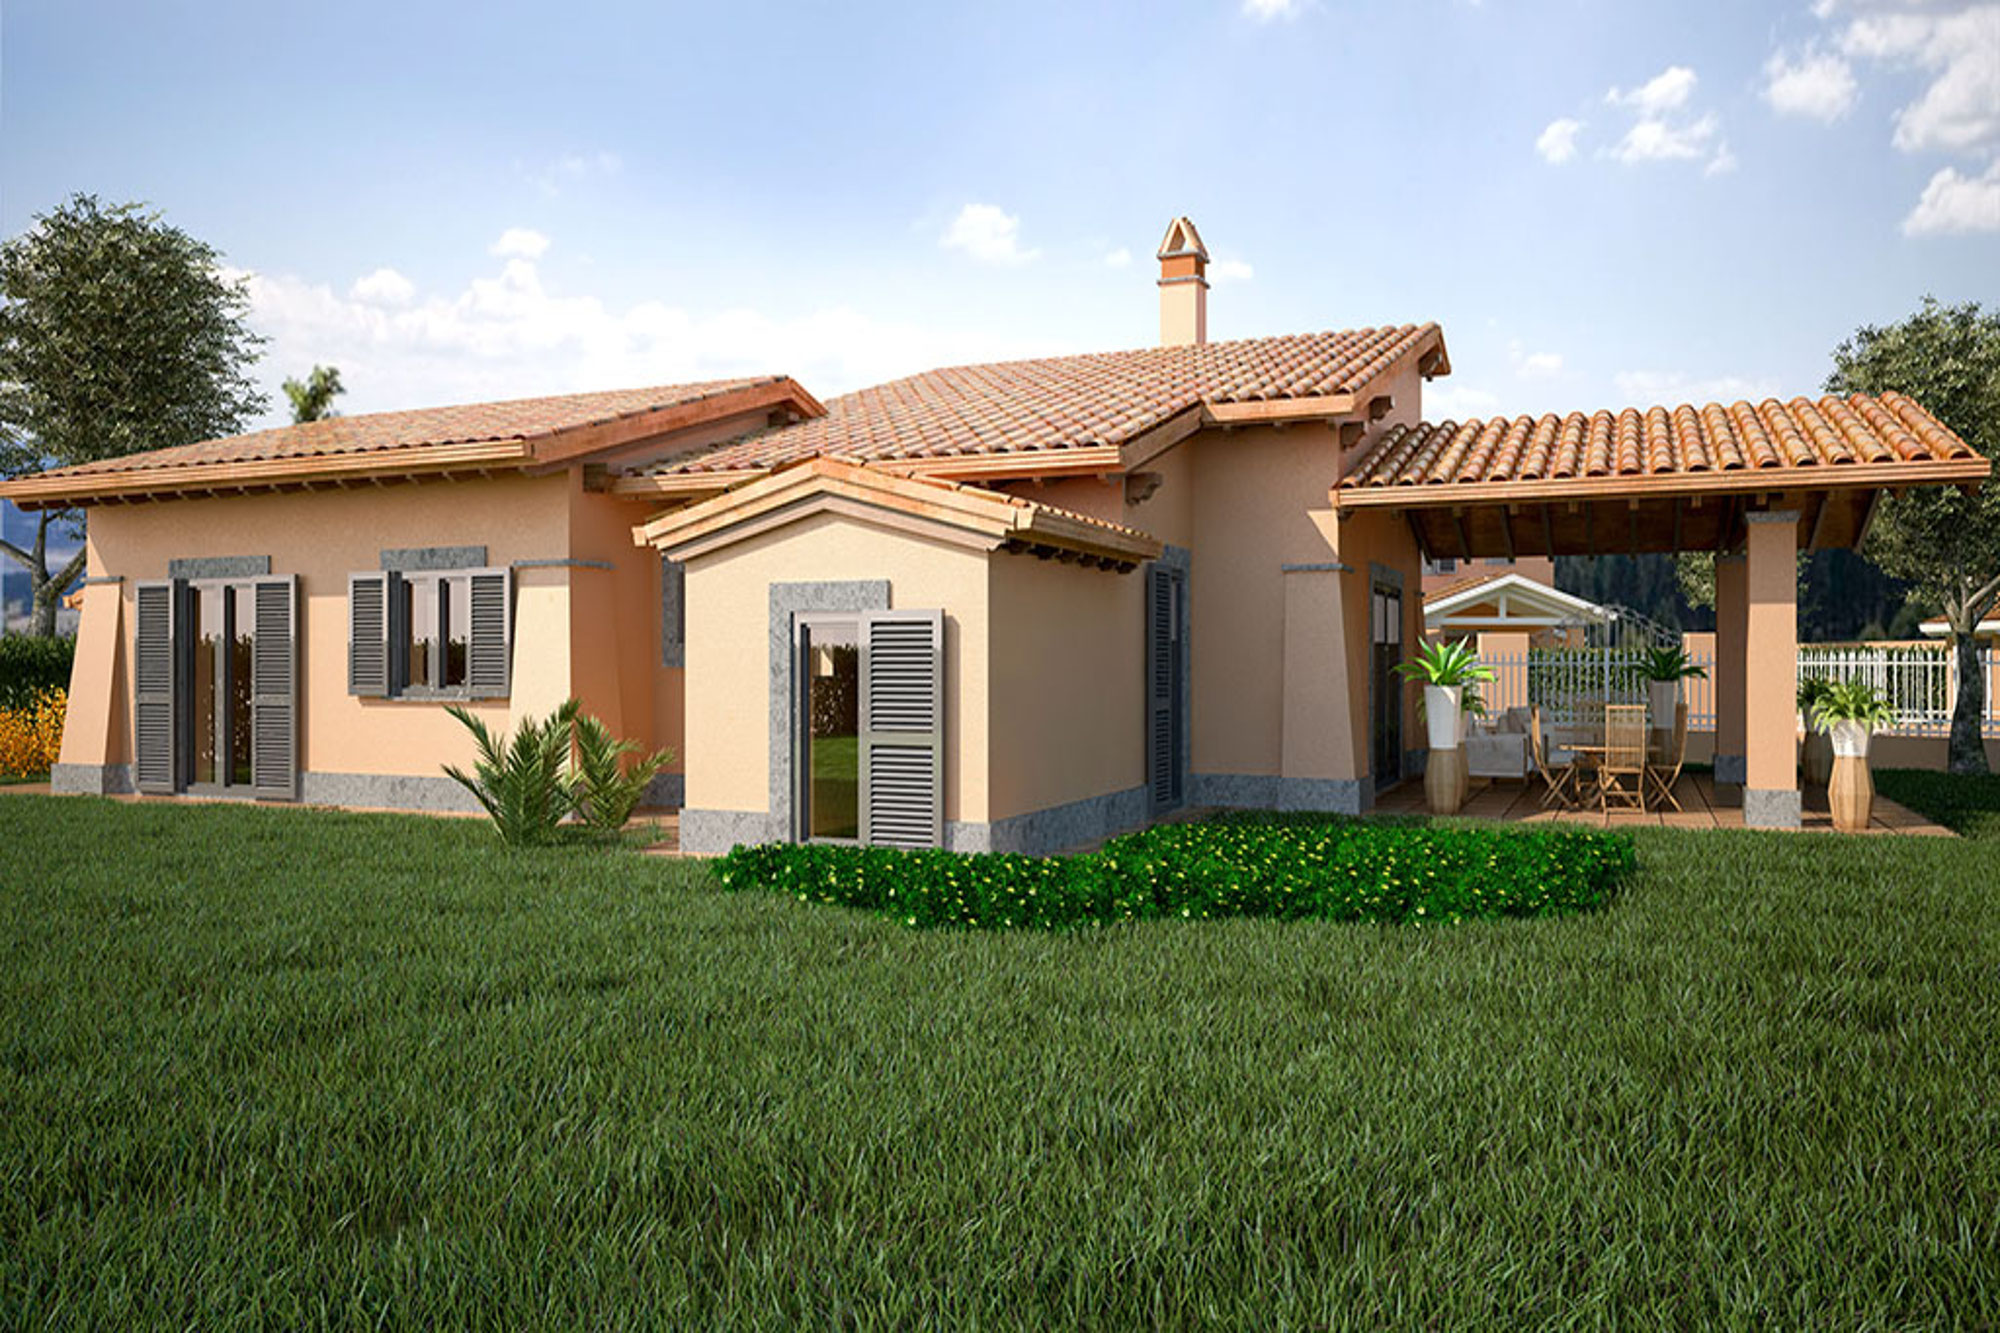 Formello, via della Selviata 72, Villa monofamiliare in vendita, depancance e piscina.